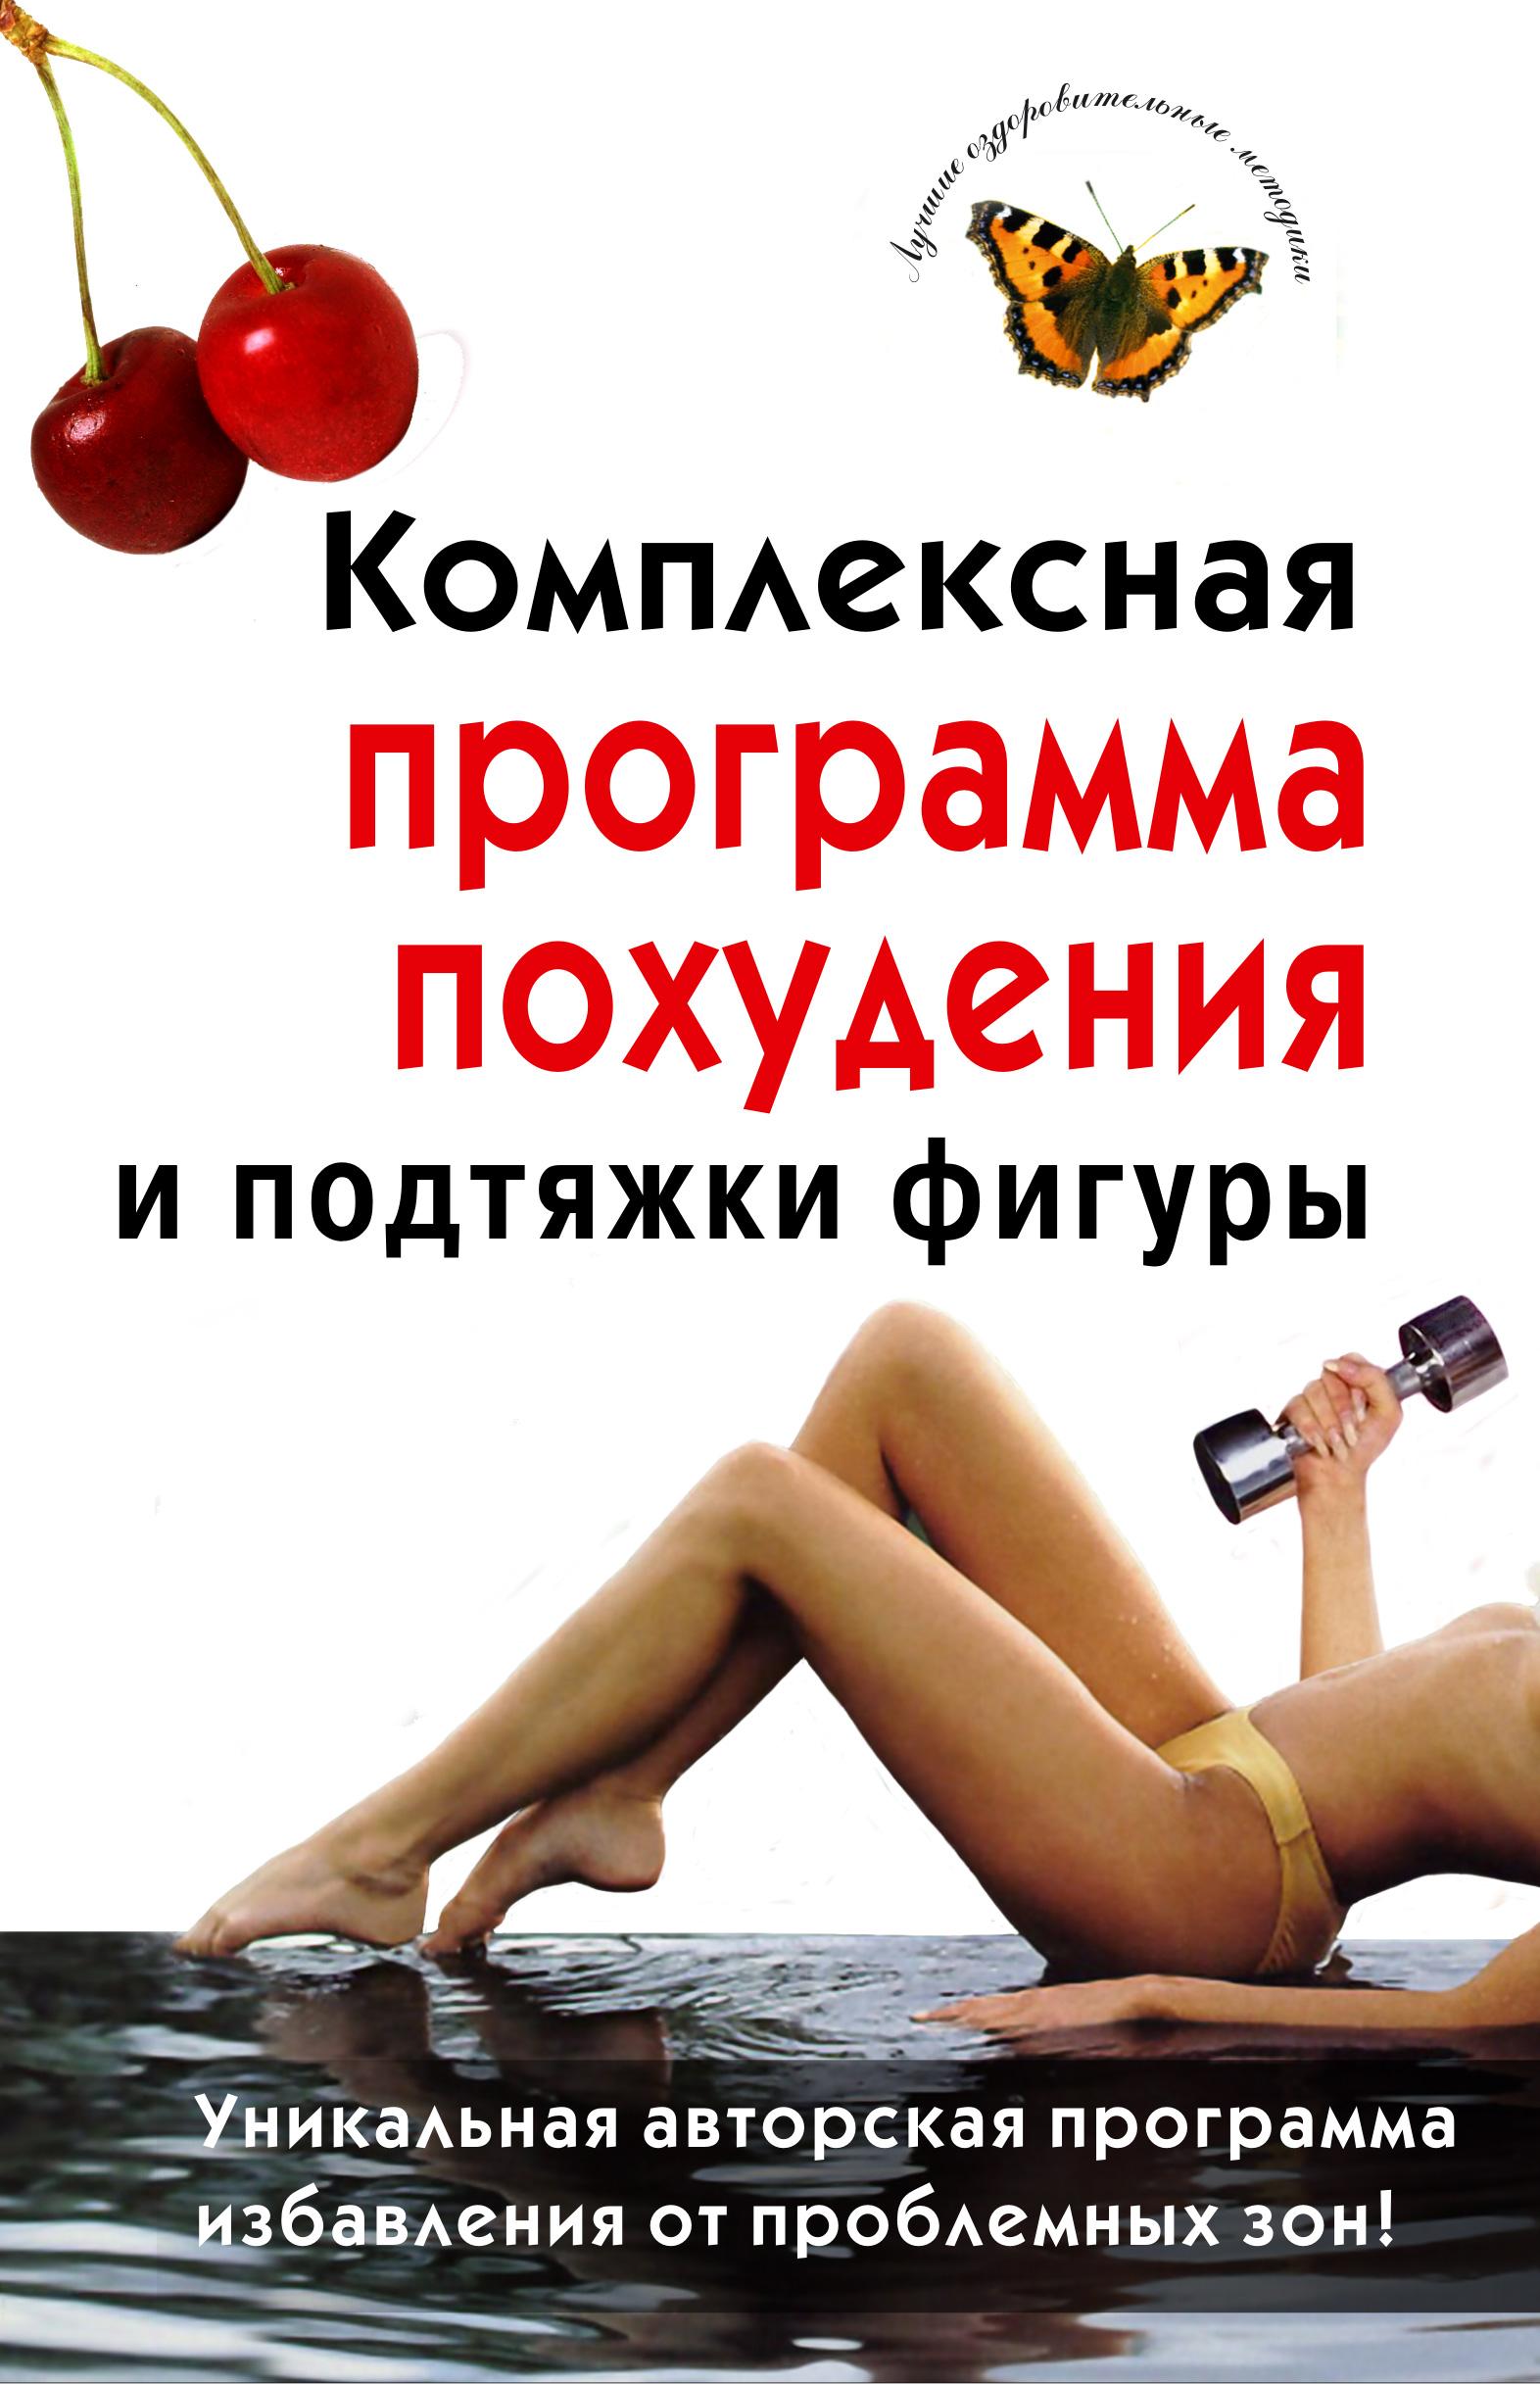 Комплексная программа похудения и подтяжки фигуры